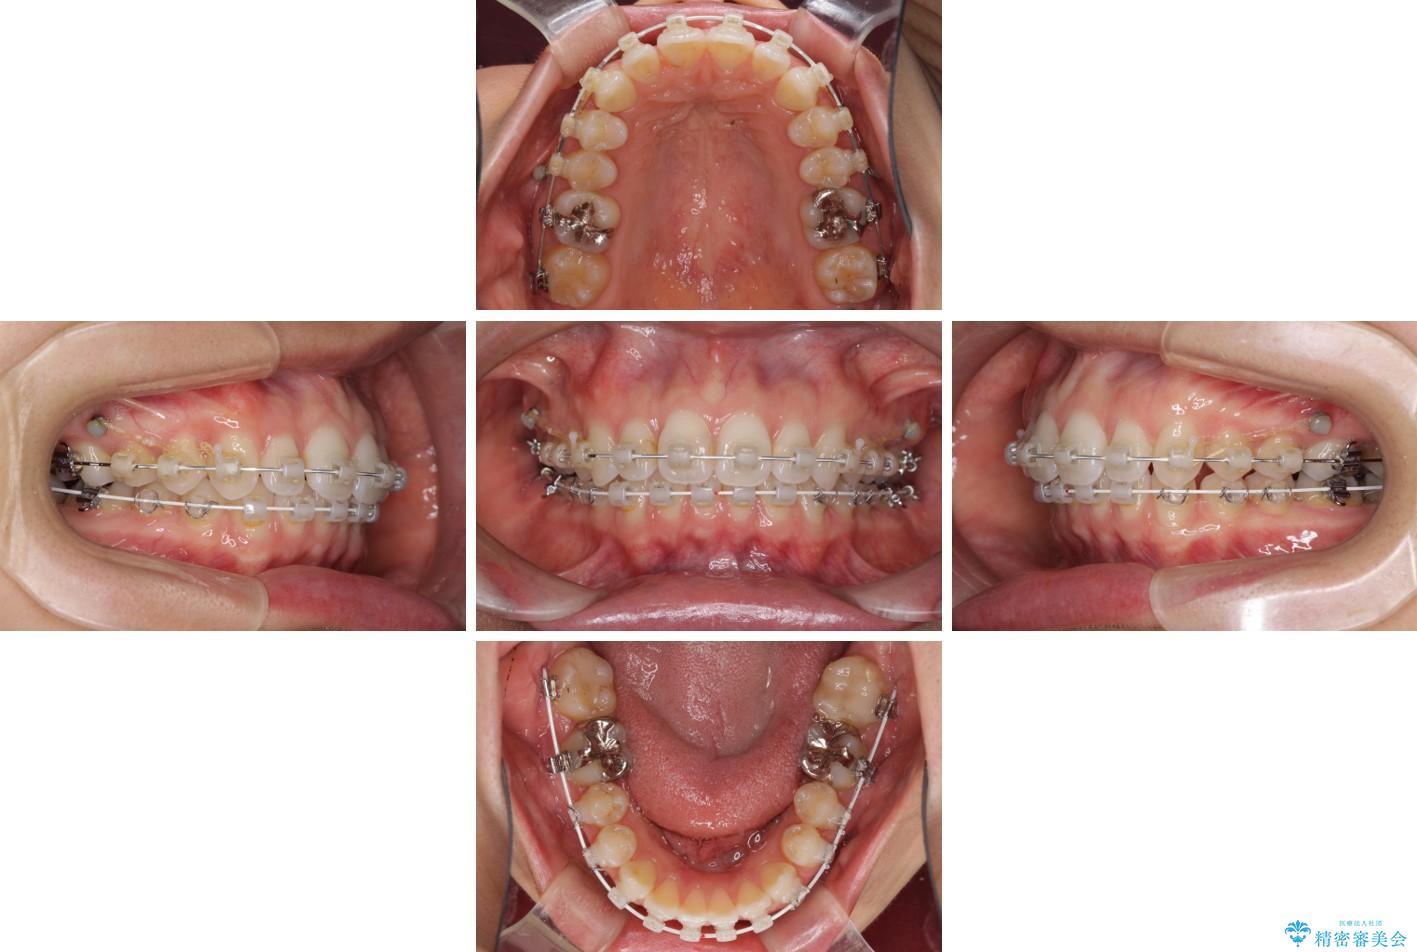 深い咬み合わせと奥歯のむし歯 総合歯科治療 治療途中画像